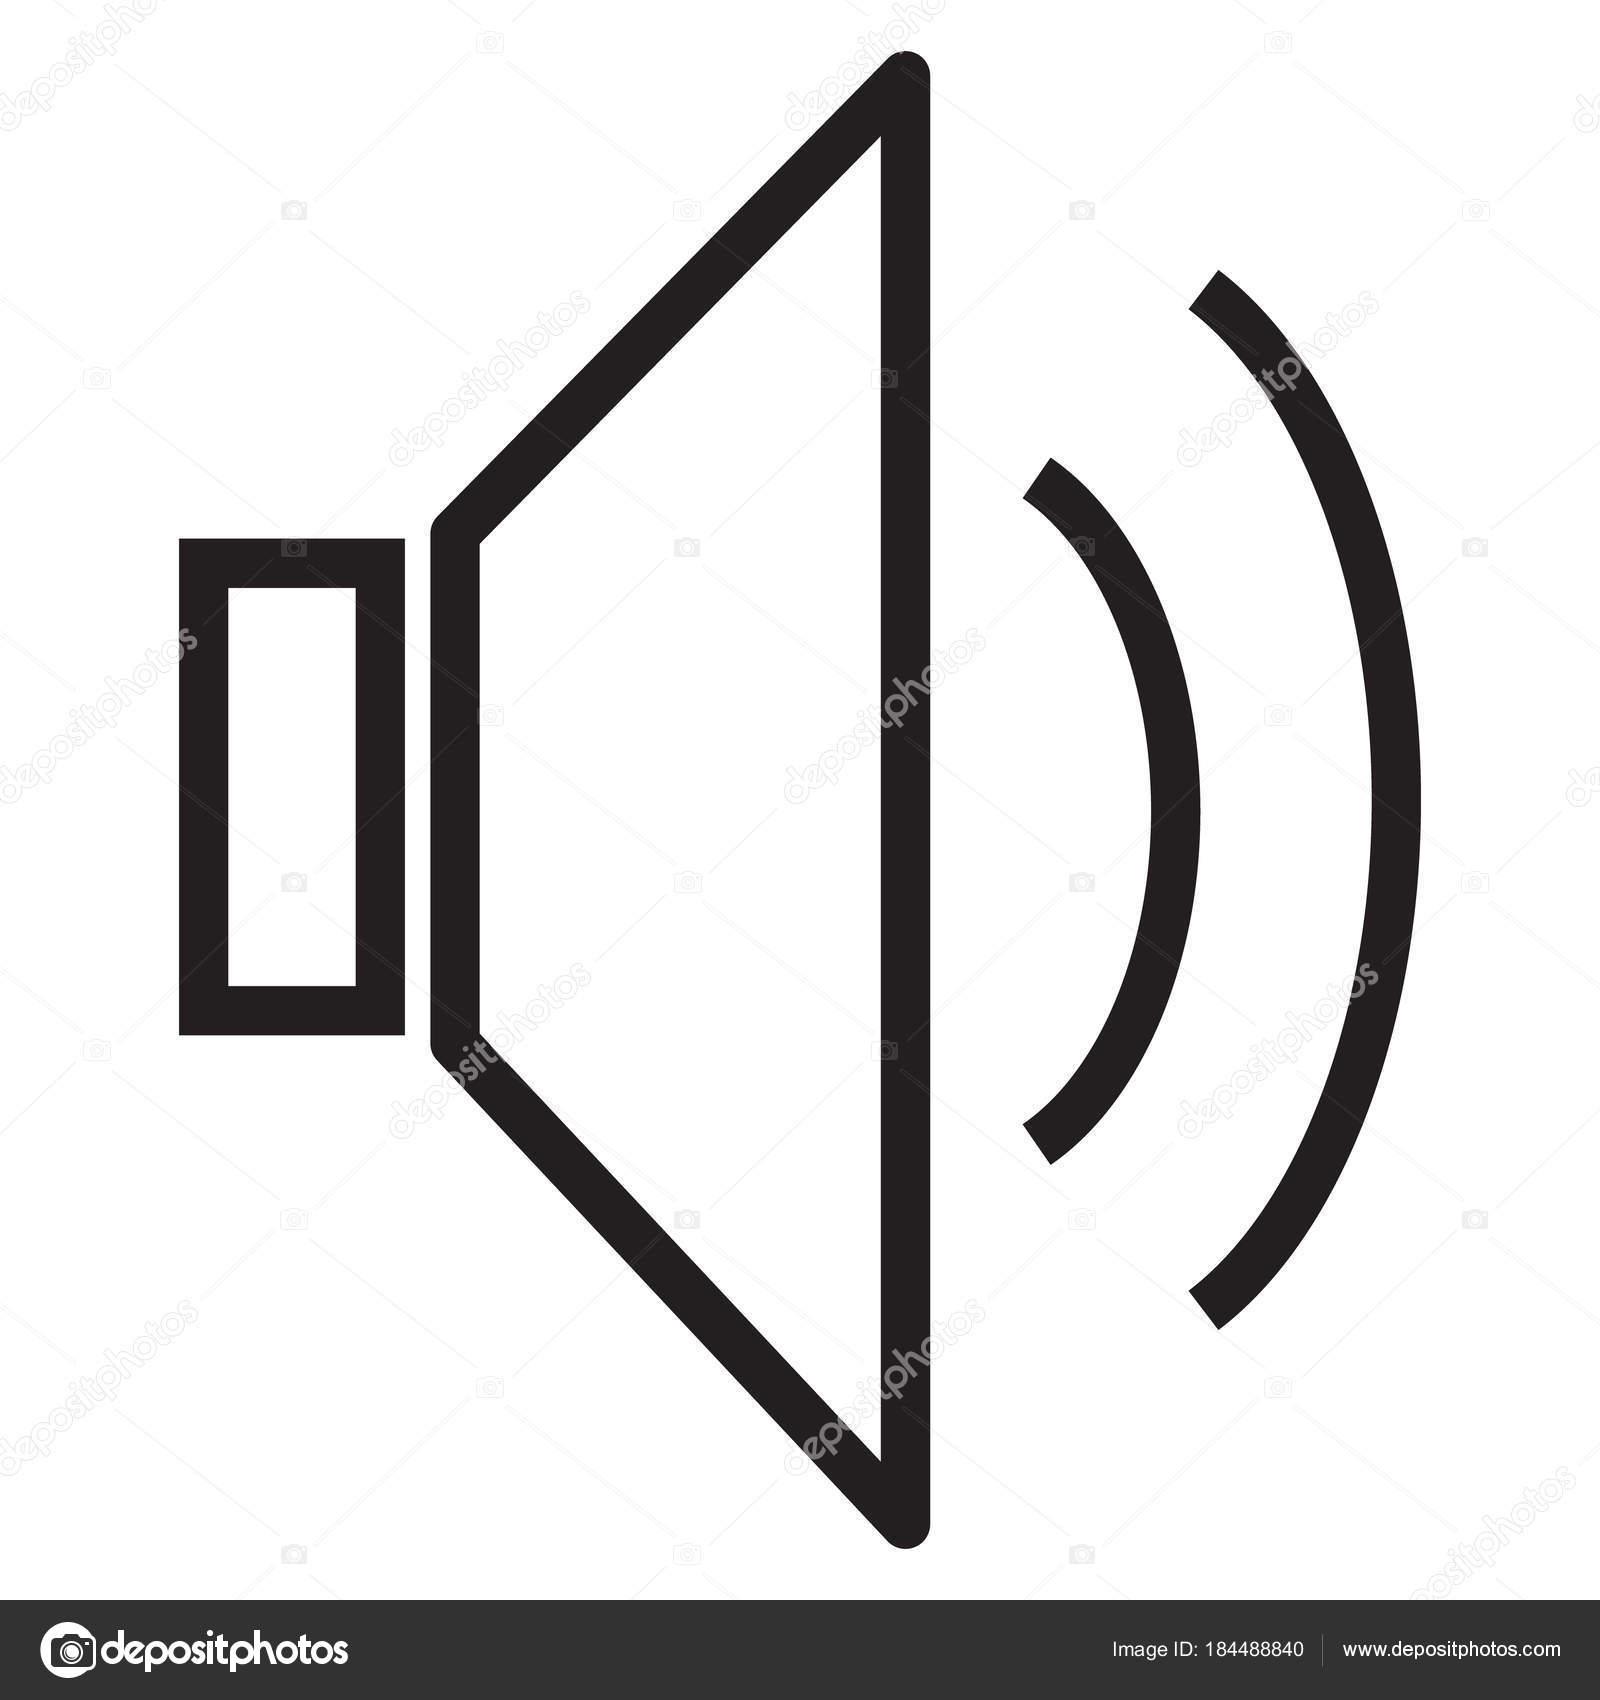 speaker icon, volume icon, speaker icon on white background, lou ...